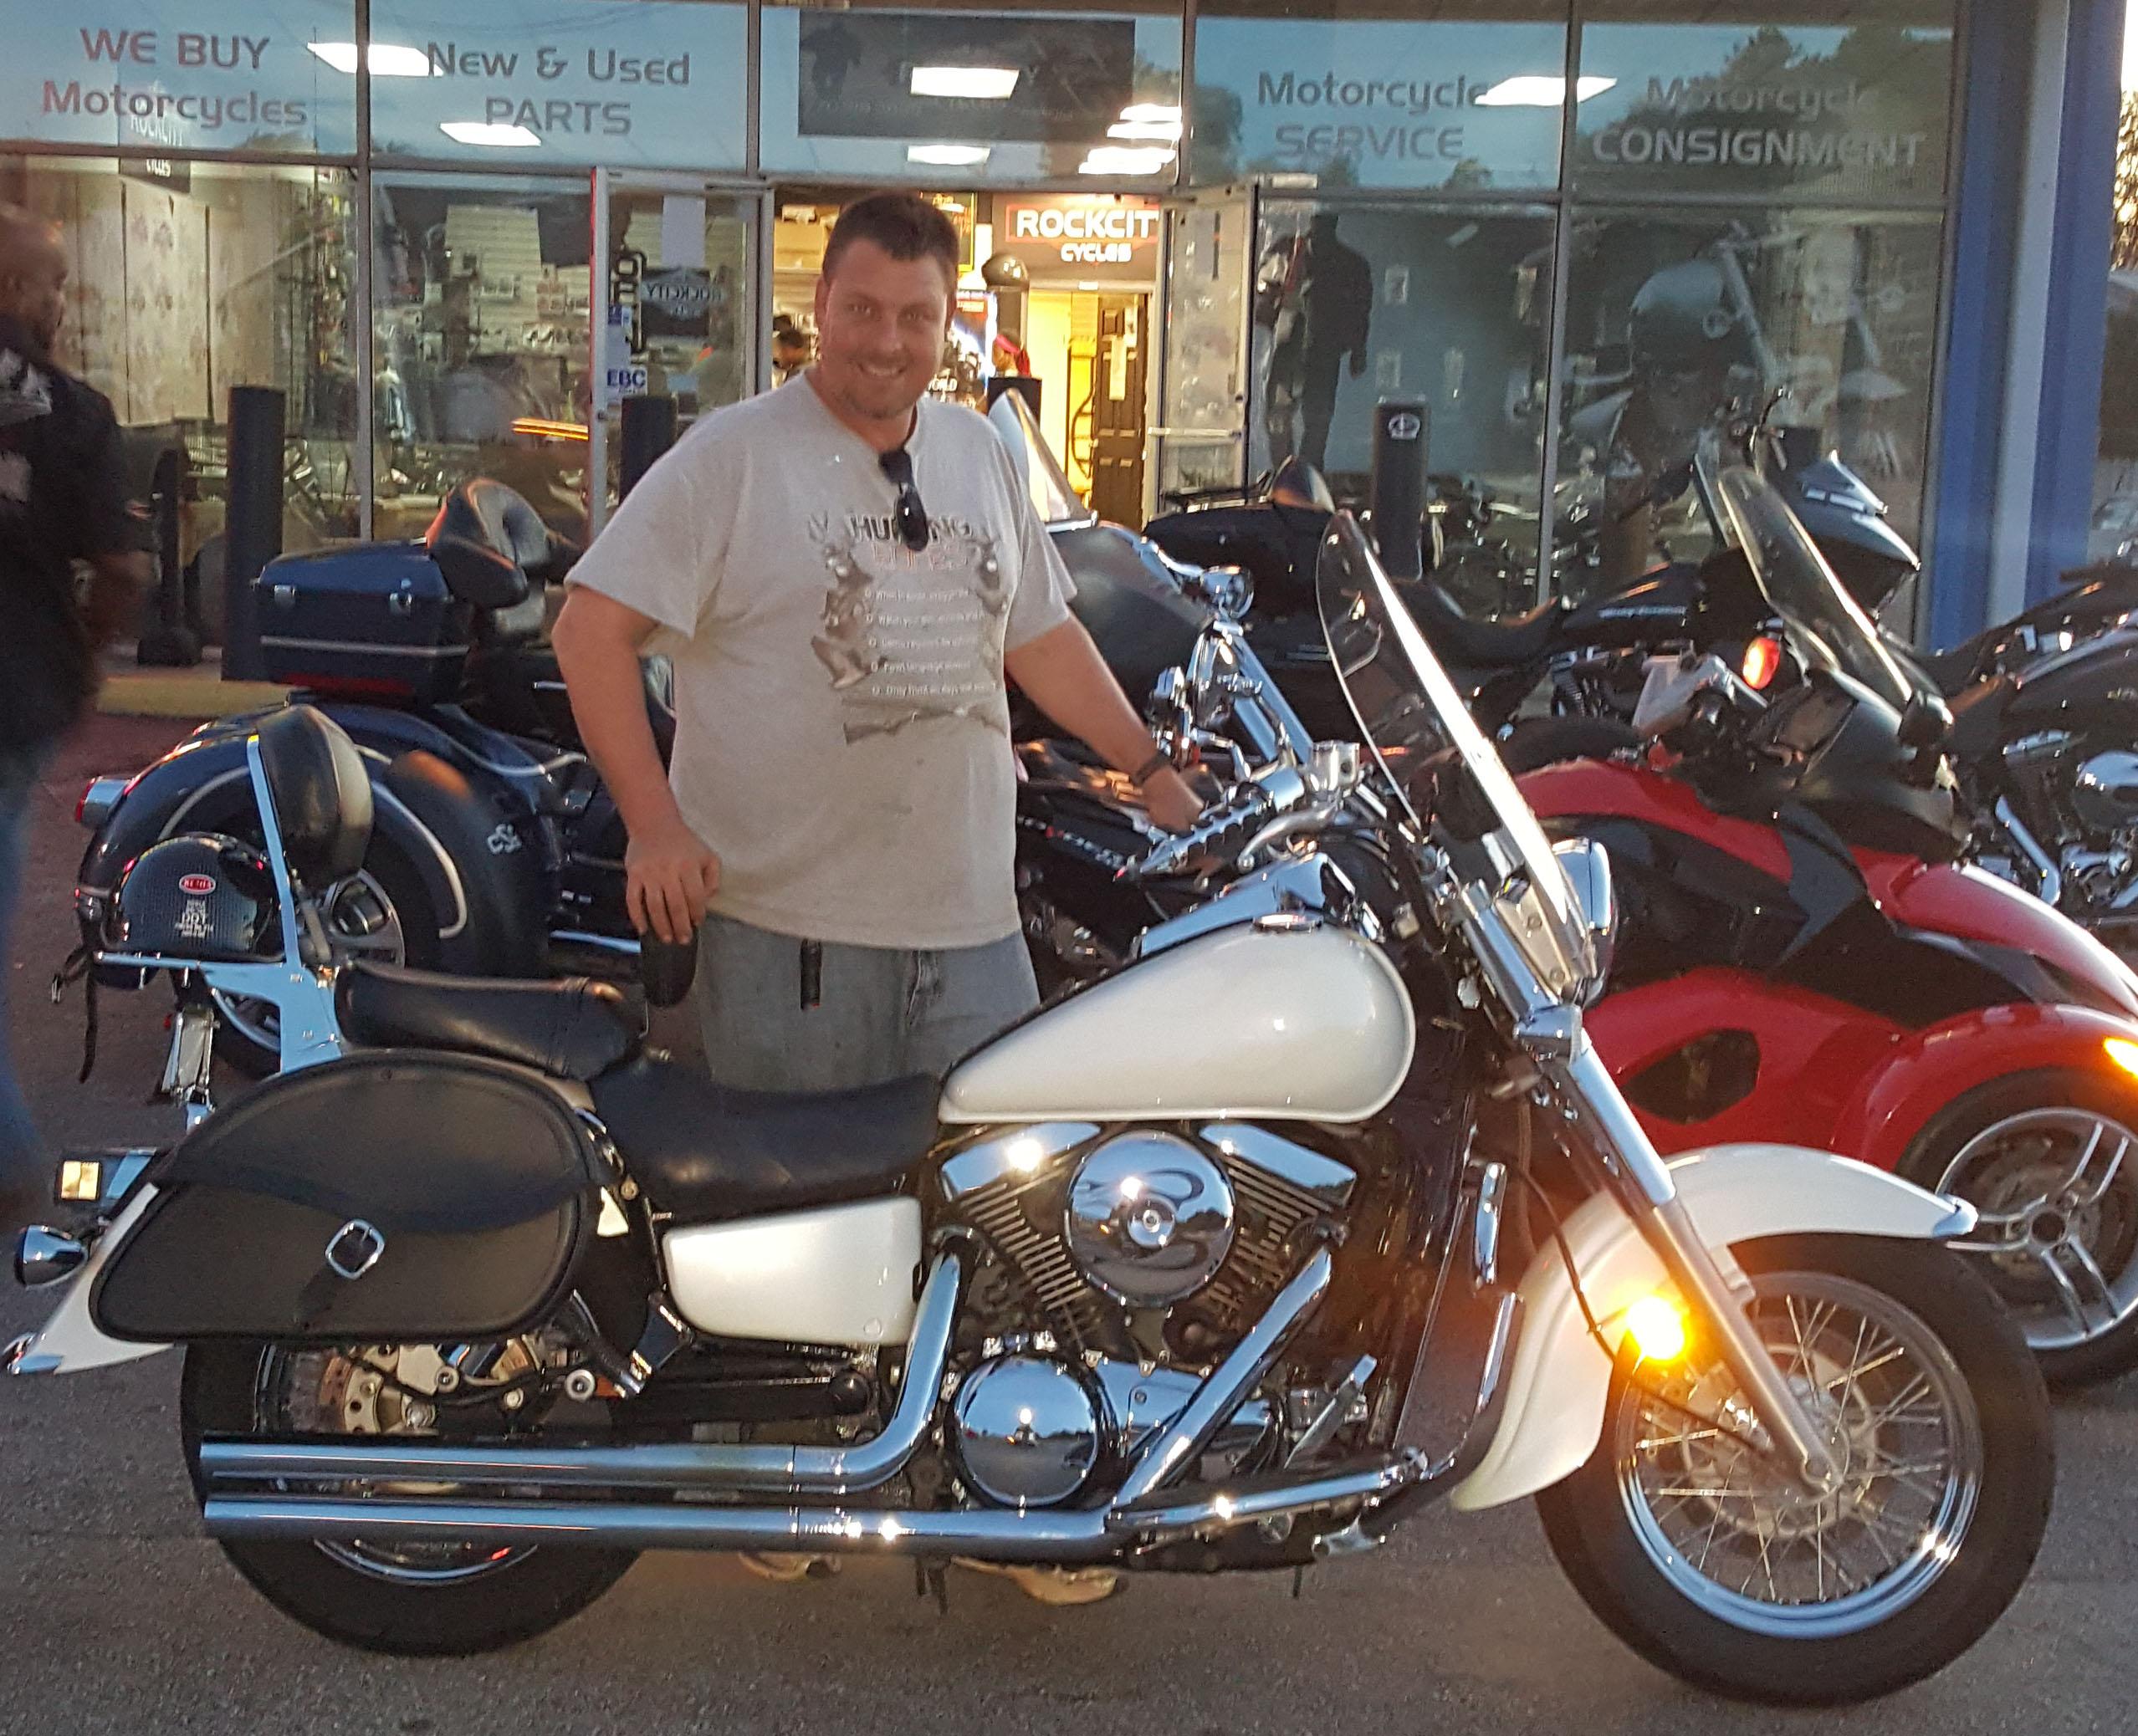 James R. with his 2004 Kawasaki Vulcan VN1500